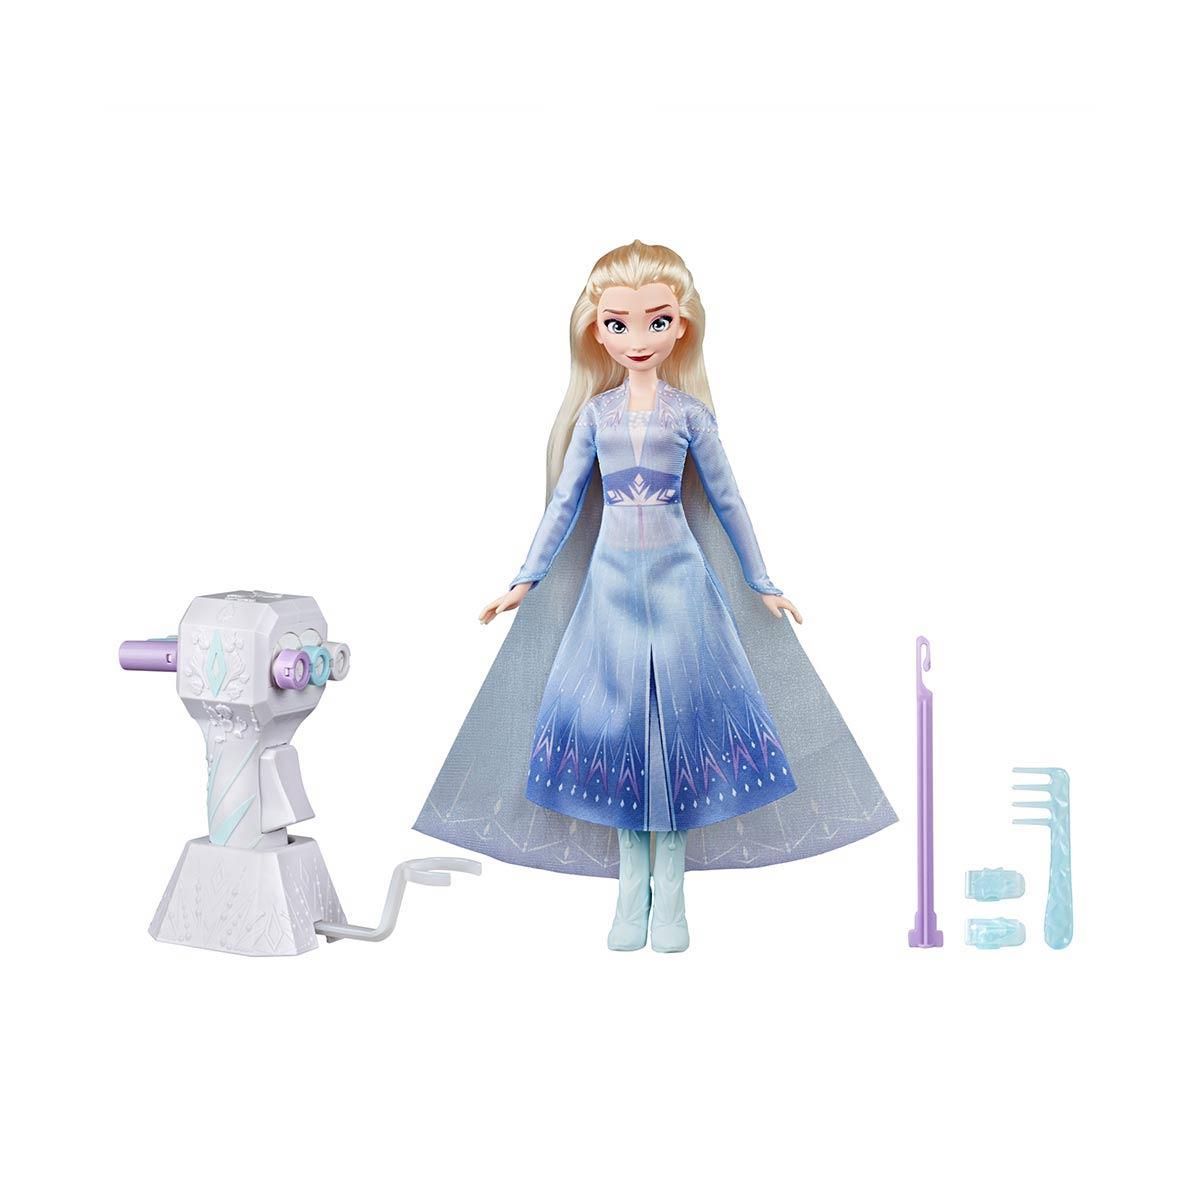 アナと雪の女王 グッズ ディズニー 人形 エルサ ファッション ドール オートヘア編みツール